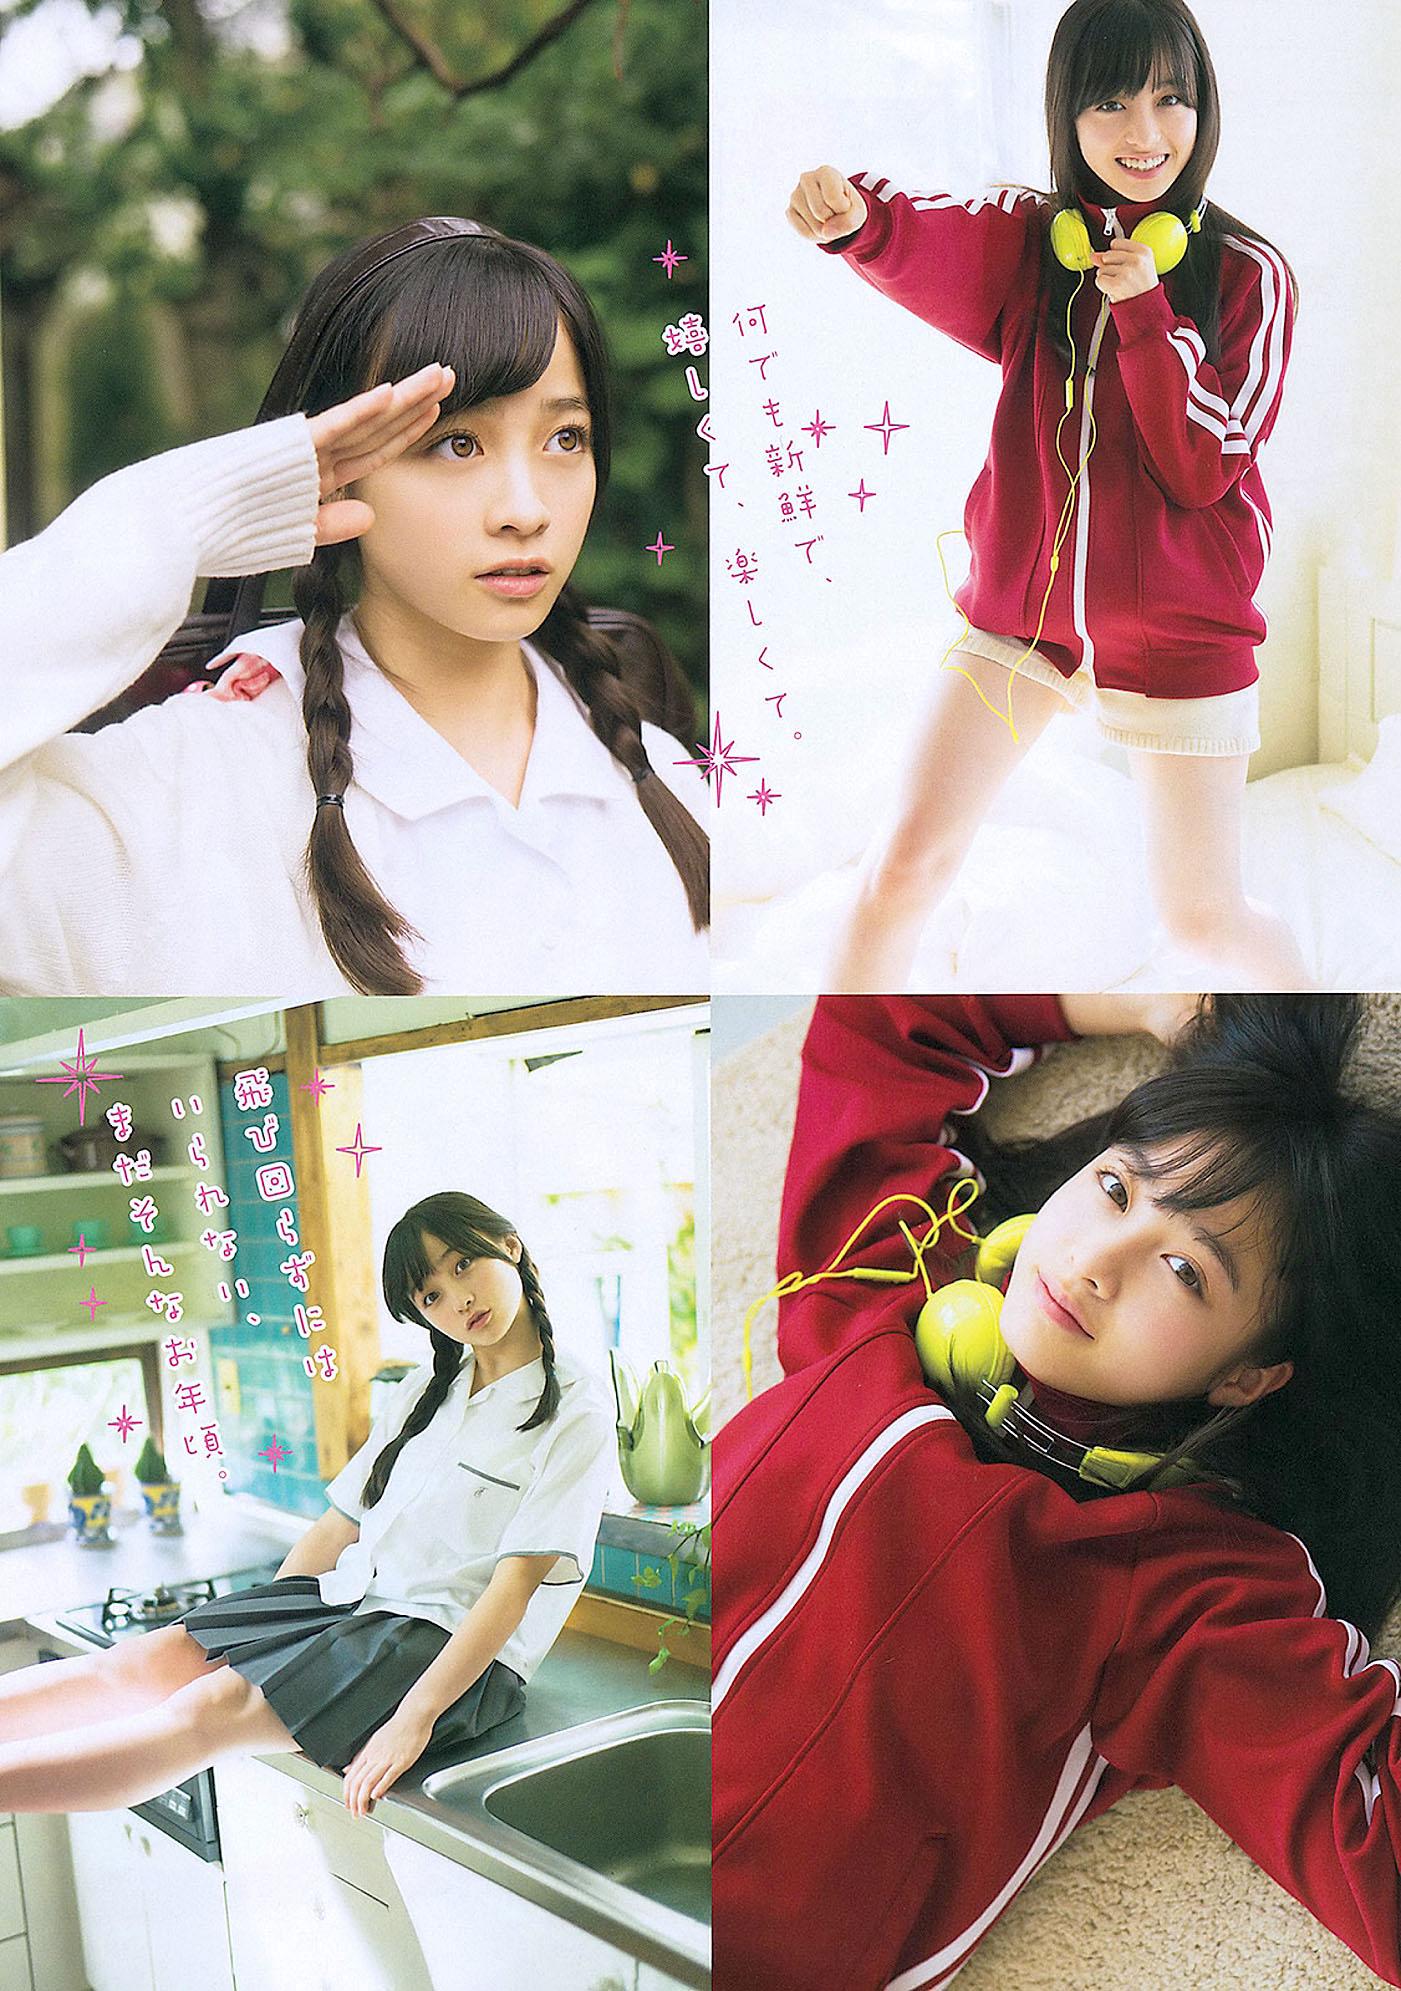 KHashimoto Young Magazine 150101 03.jpg